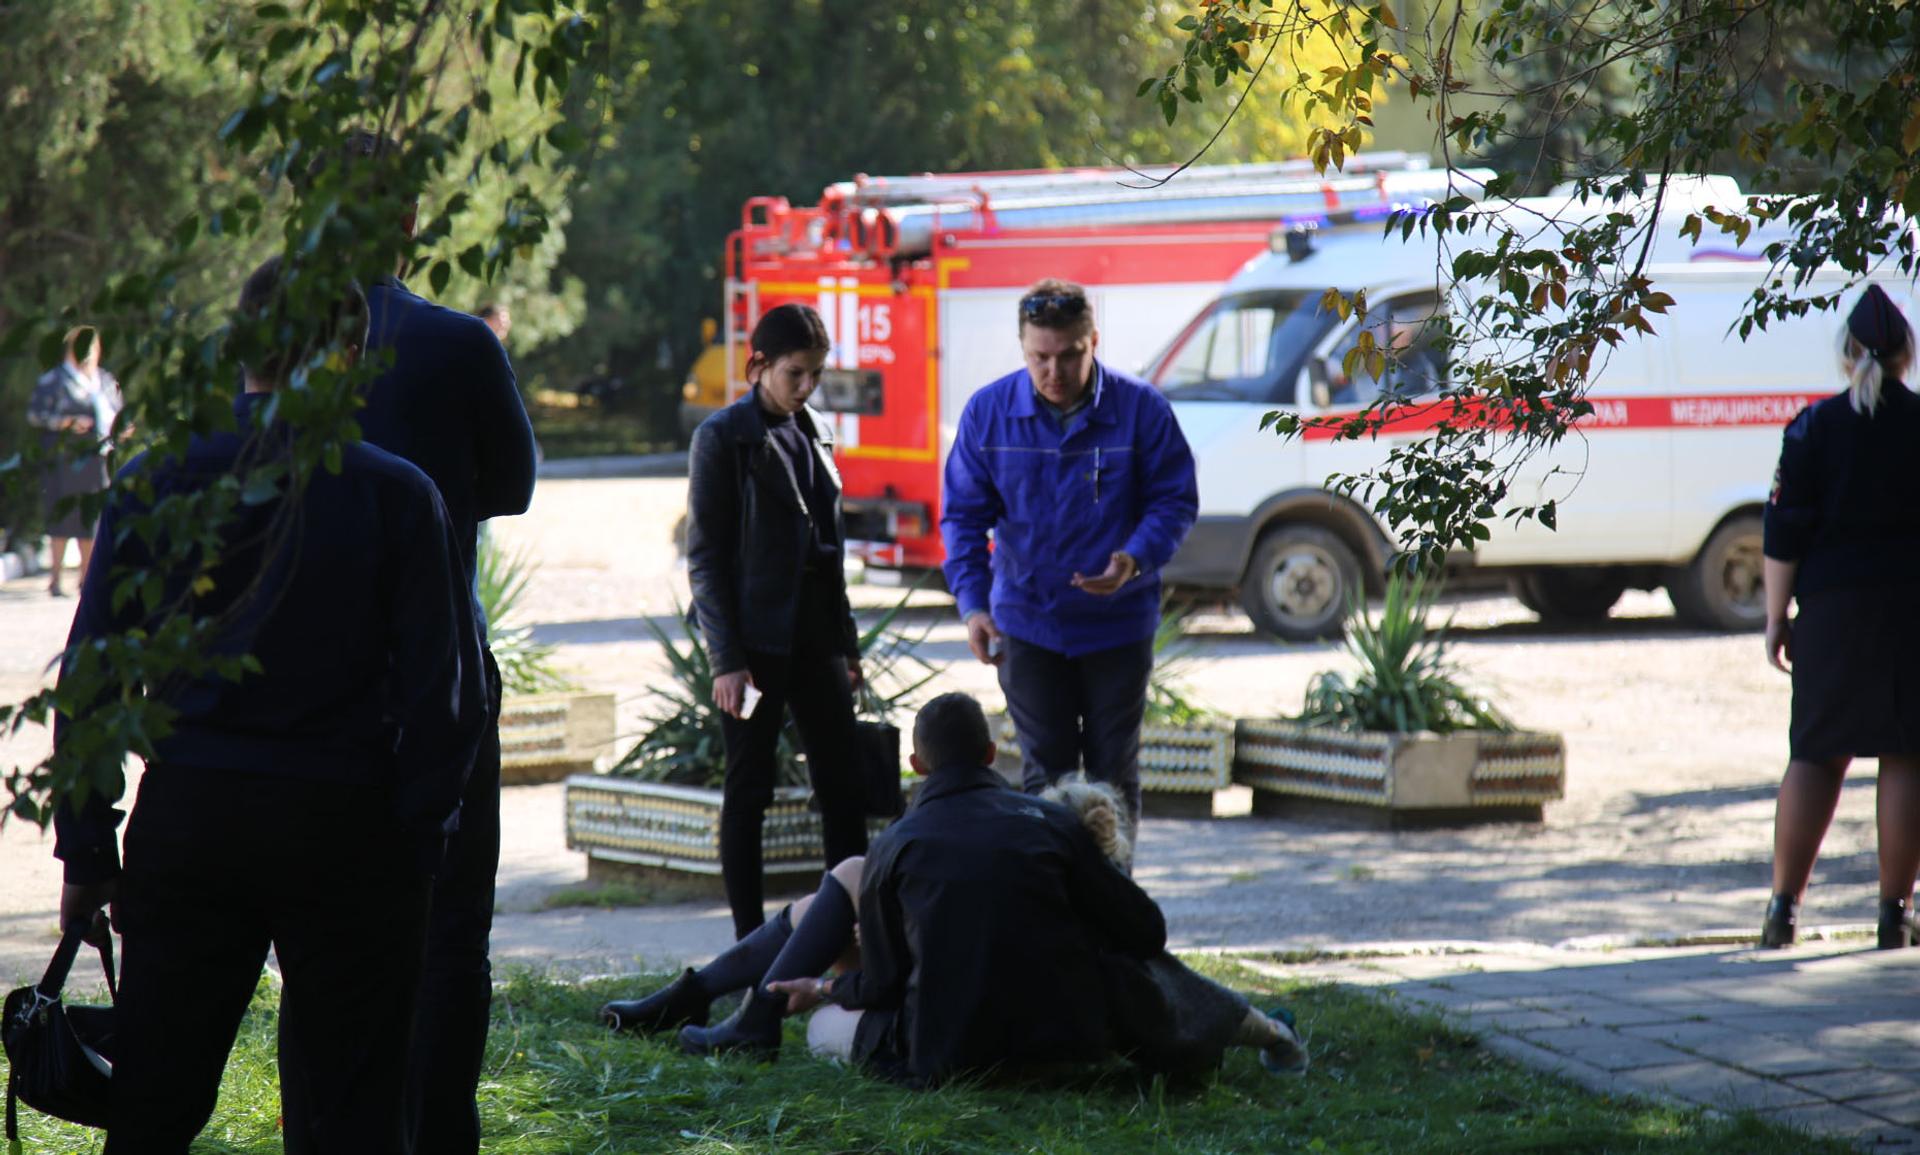 Медики та рятувальники прибули на місце вибуху та стрілянини в коледжі Керчі, 17 жовтня 2018